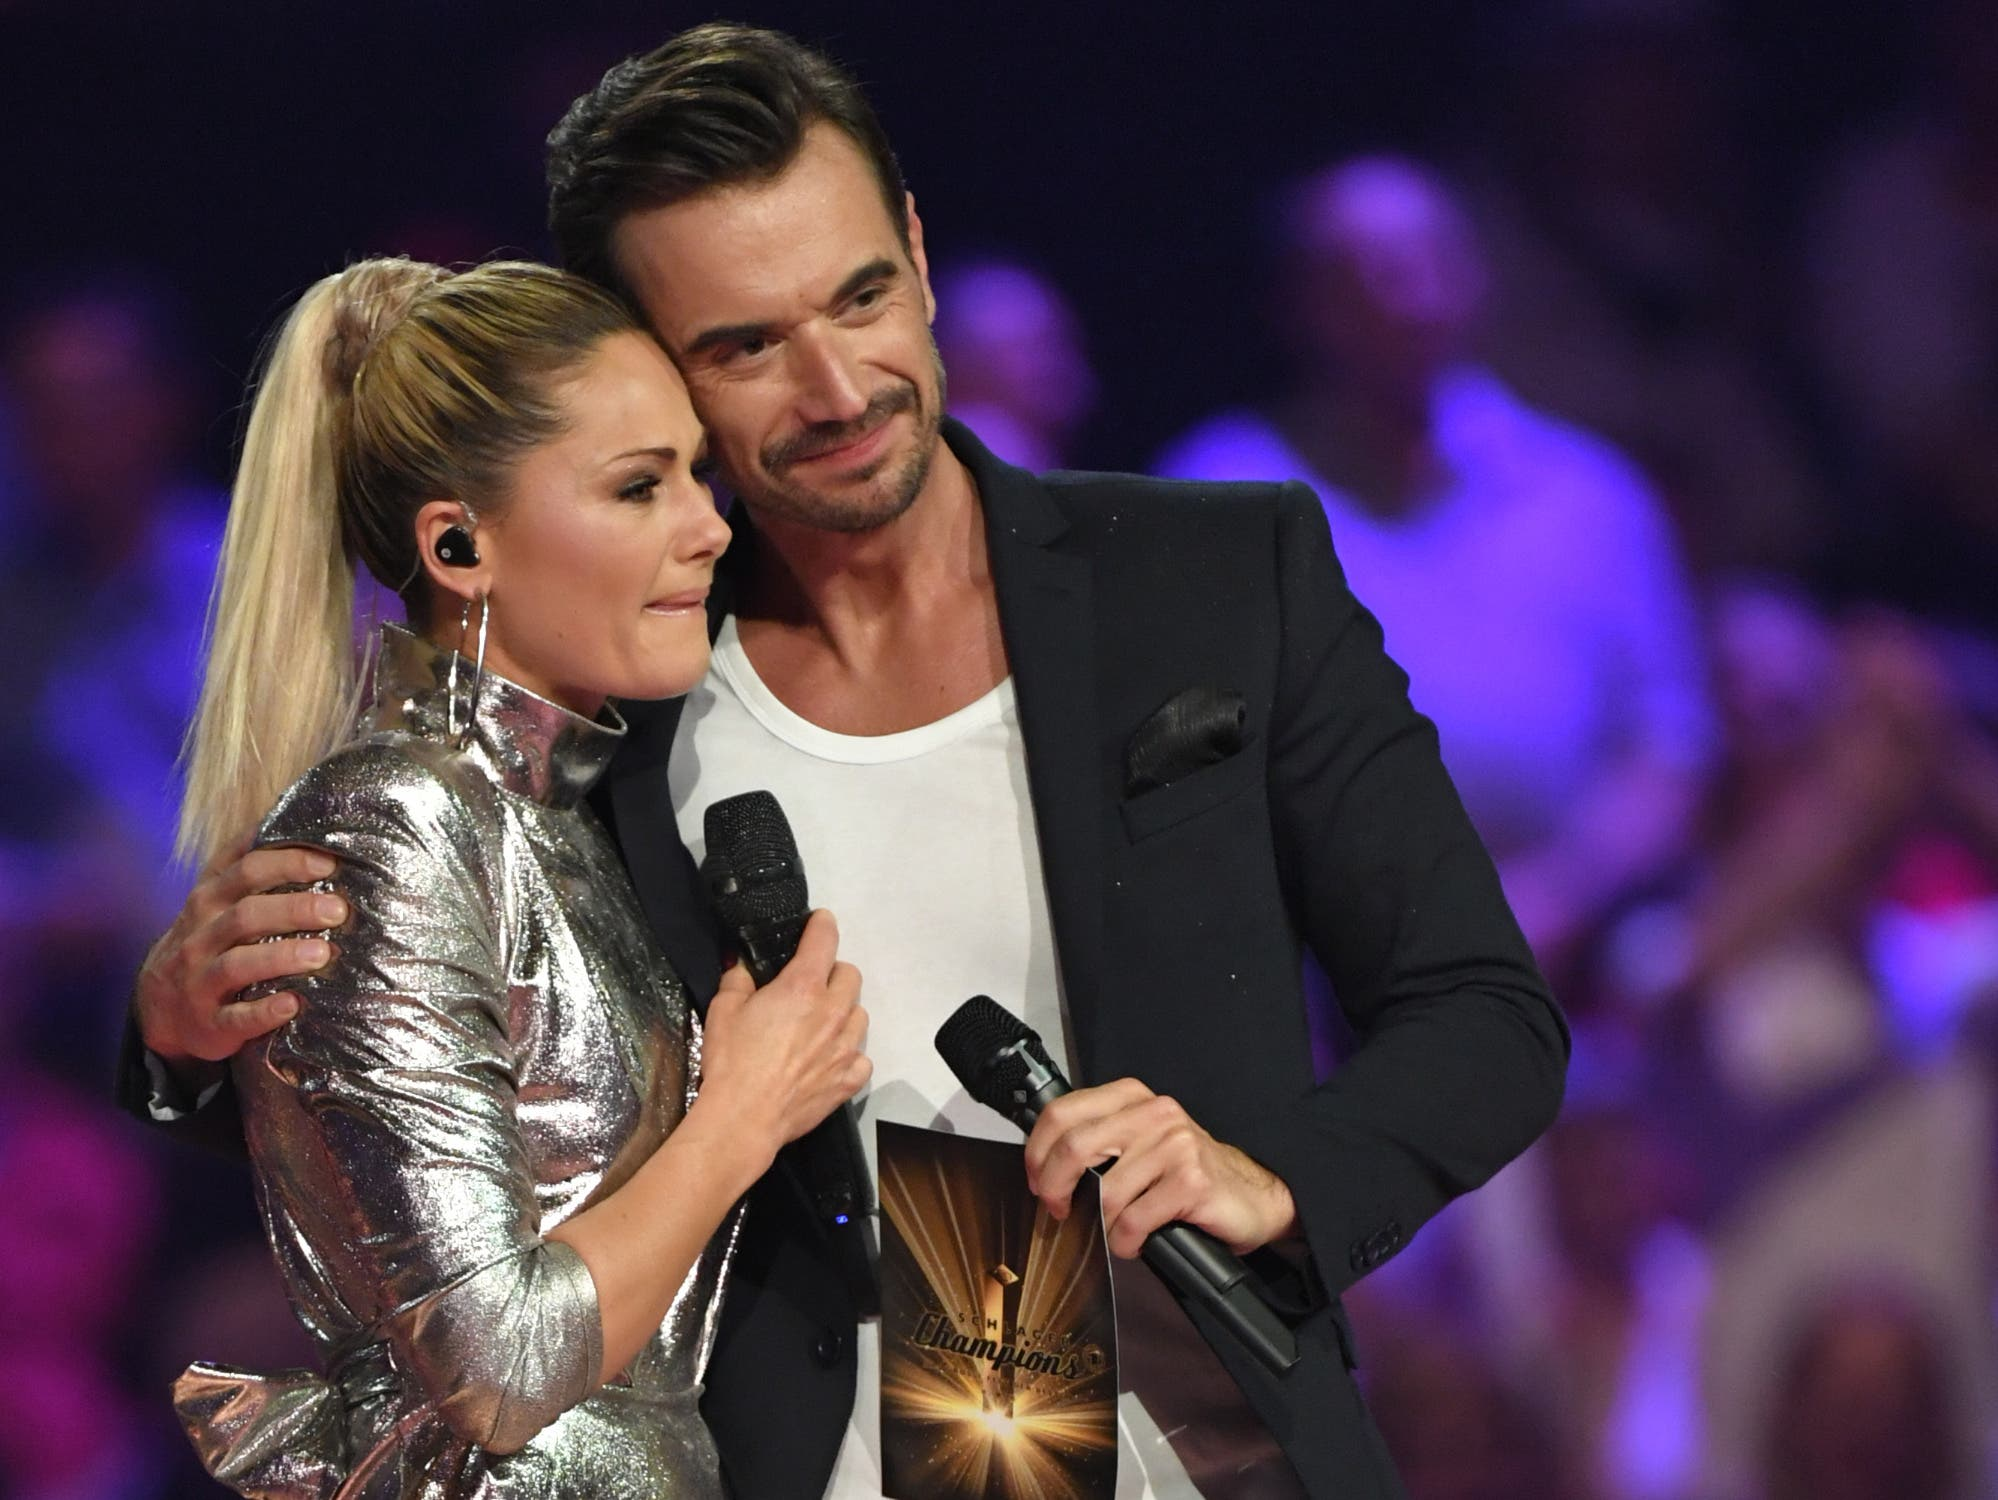 """Erst im Dezember war bekannt geworden, dass Florian Silbereisen und Helene Fischer sich getrennt hatten. Im Januar gabs bei der Livesendung """"Schlagerchampions - Das grosse Fest der Besten"""" ein Wiedersehen auf der Bühne."""